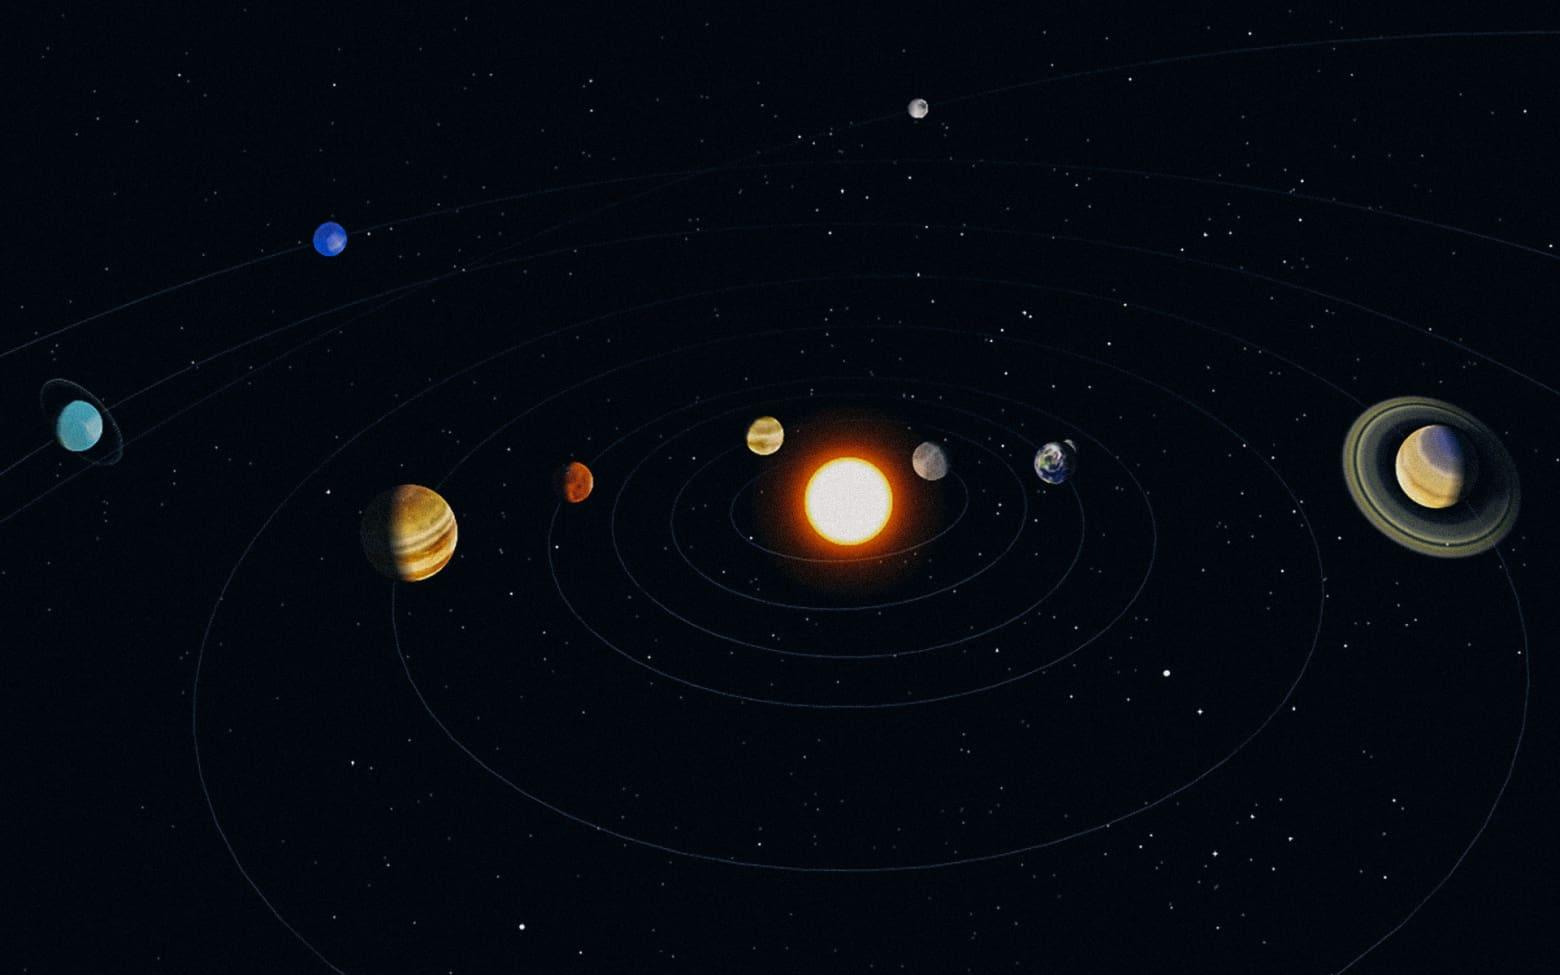 солнечная система смотреть картинки однажды